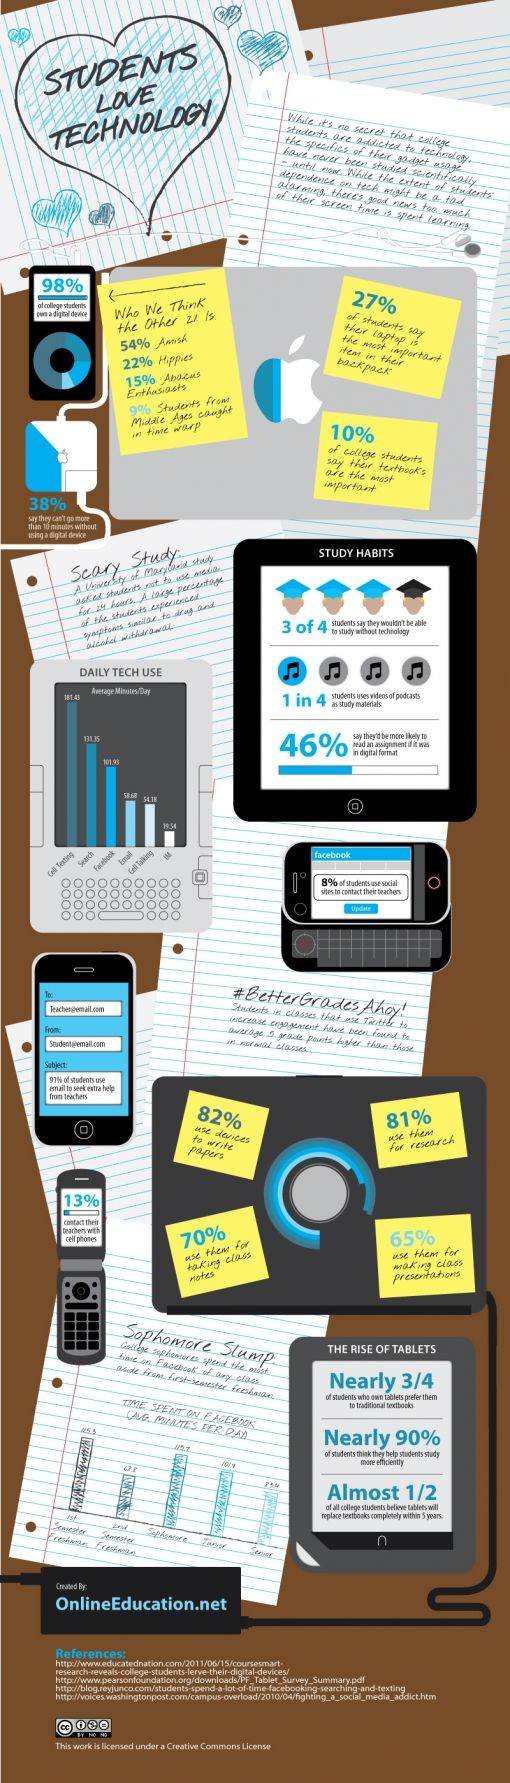 Studenten_en_technologie